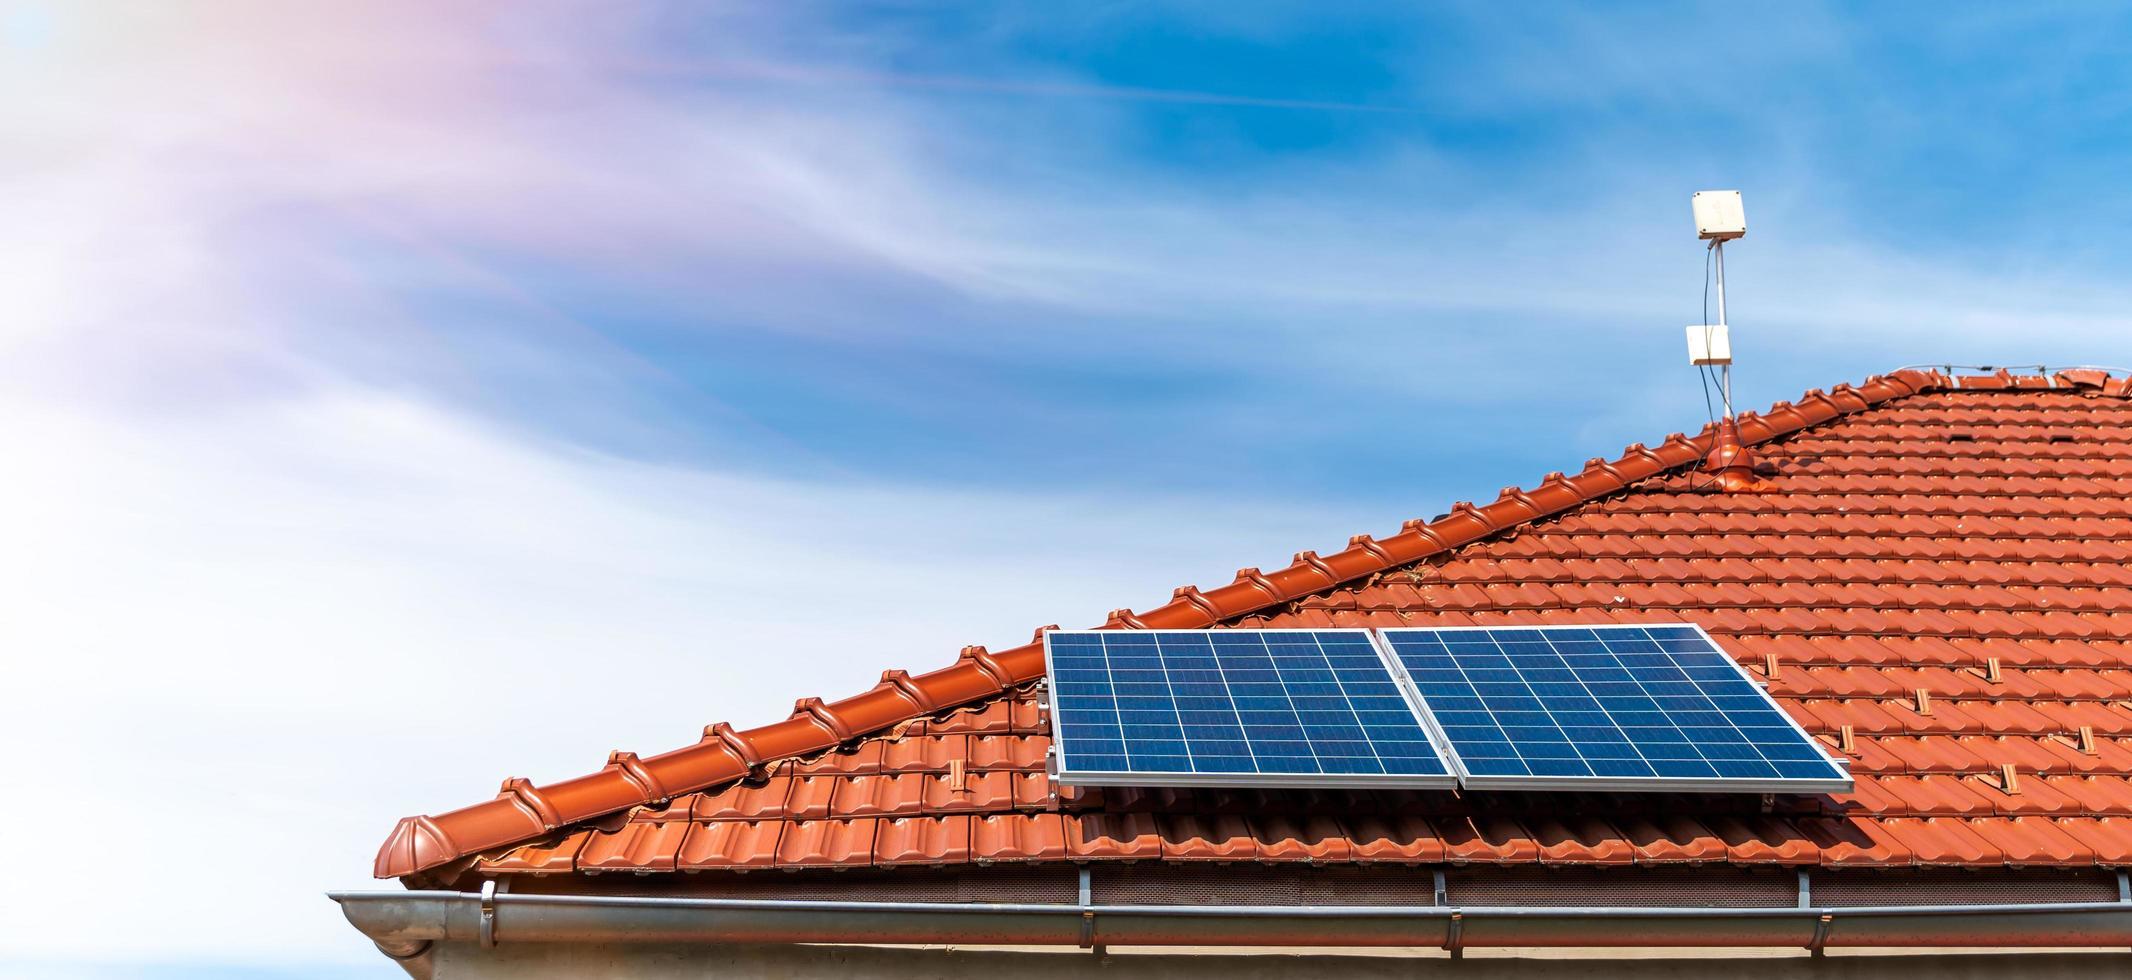 panneaux solaires sur le toit d'une maison familiale photo